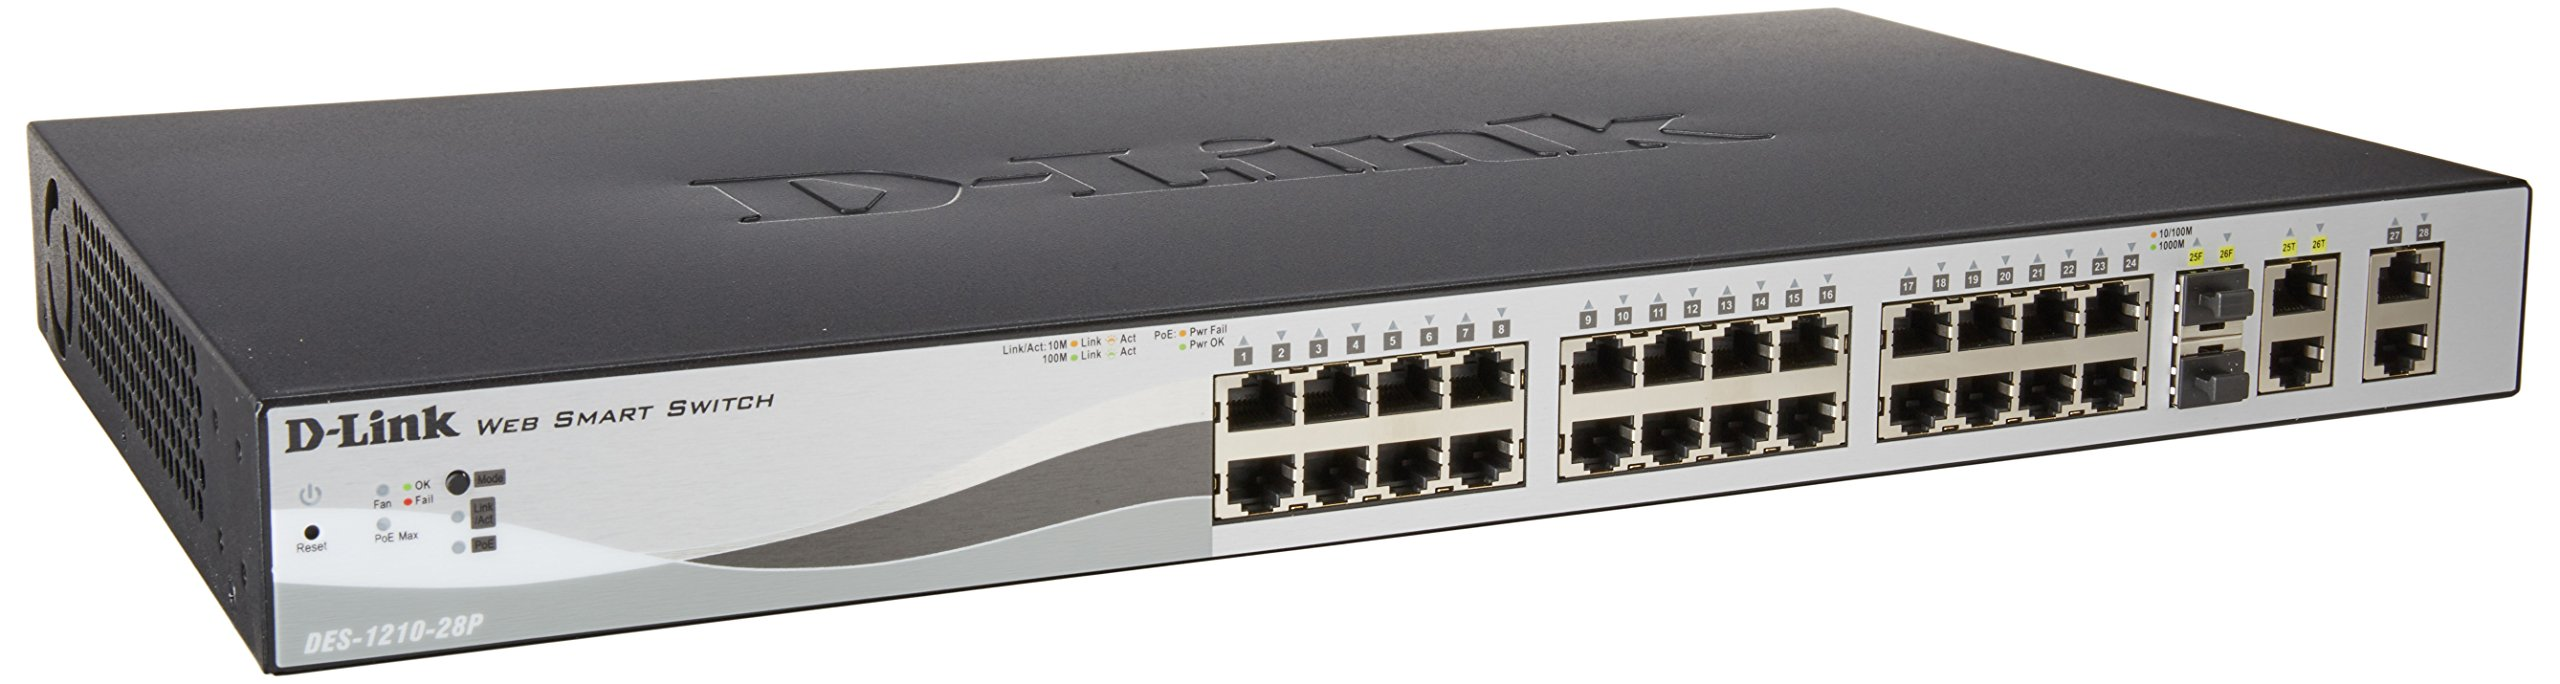 D-Link 28-Port Fast Ethernet WebSmart PoE+ Switch including 2 Gigabit BASE-T and 2 Gigabit Combo BASE-T/SFP Ports (DES-1210-28P)